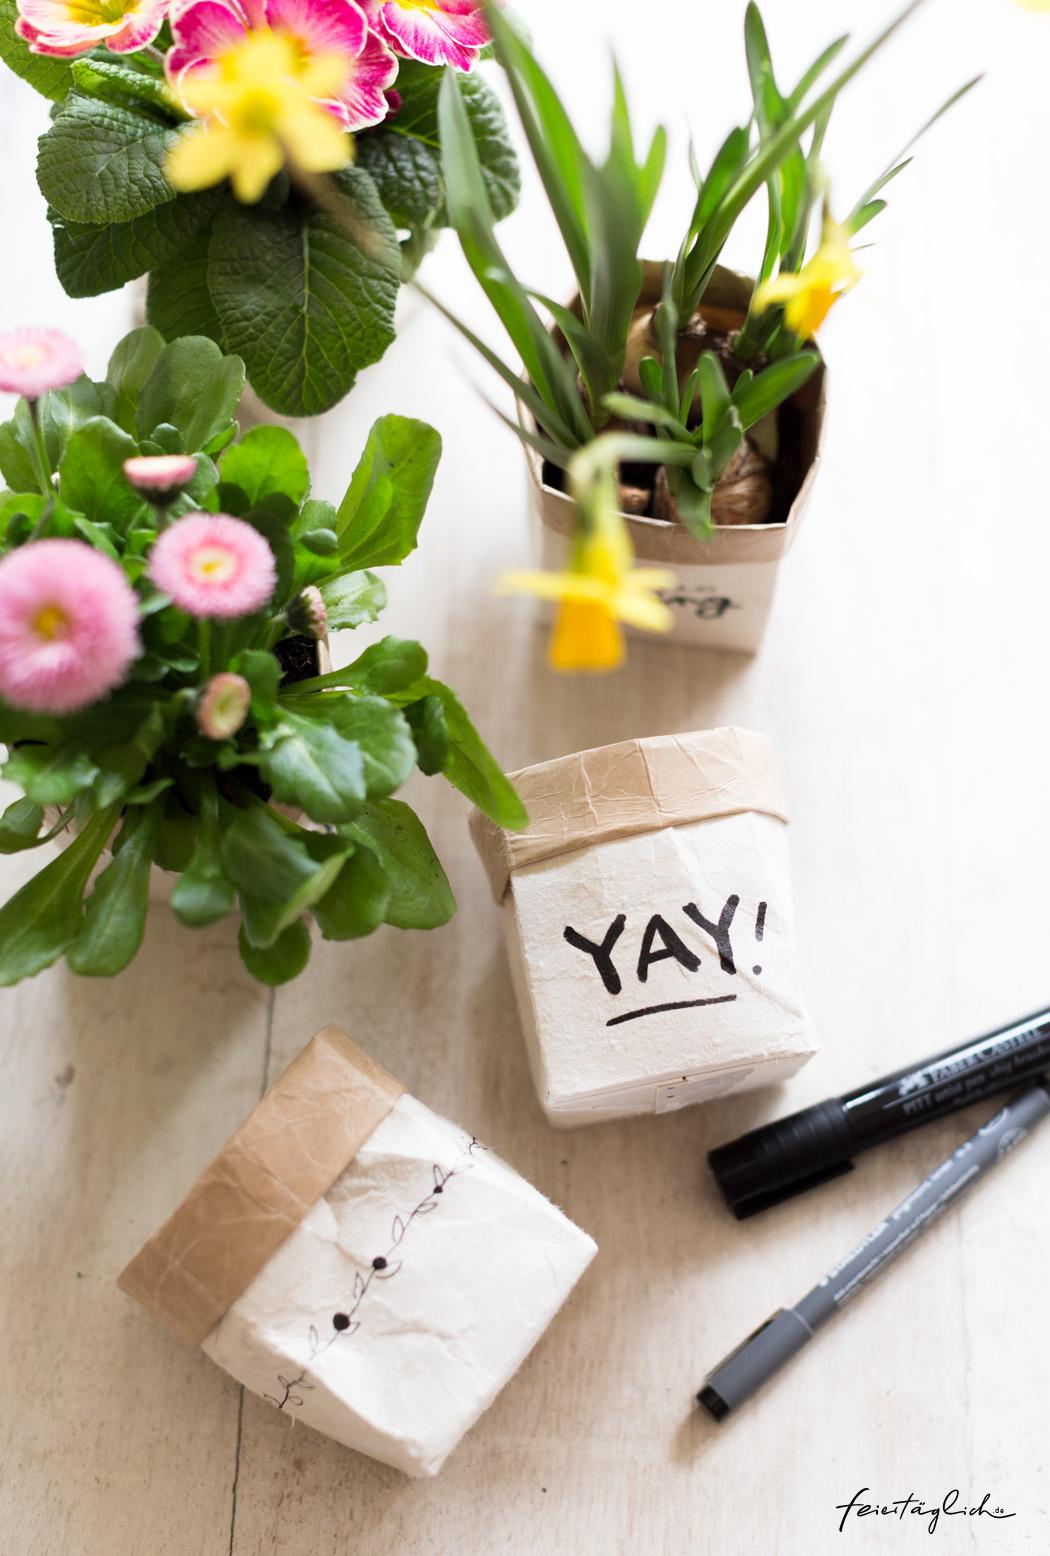 DIY Milchtüten Upcycling Planzentöpfe Frühlingsgrüße